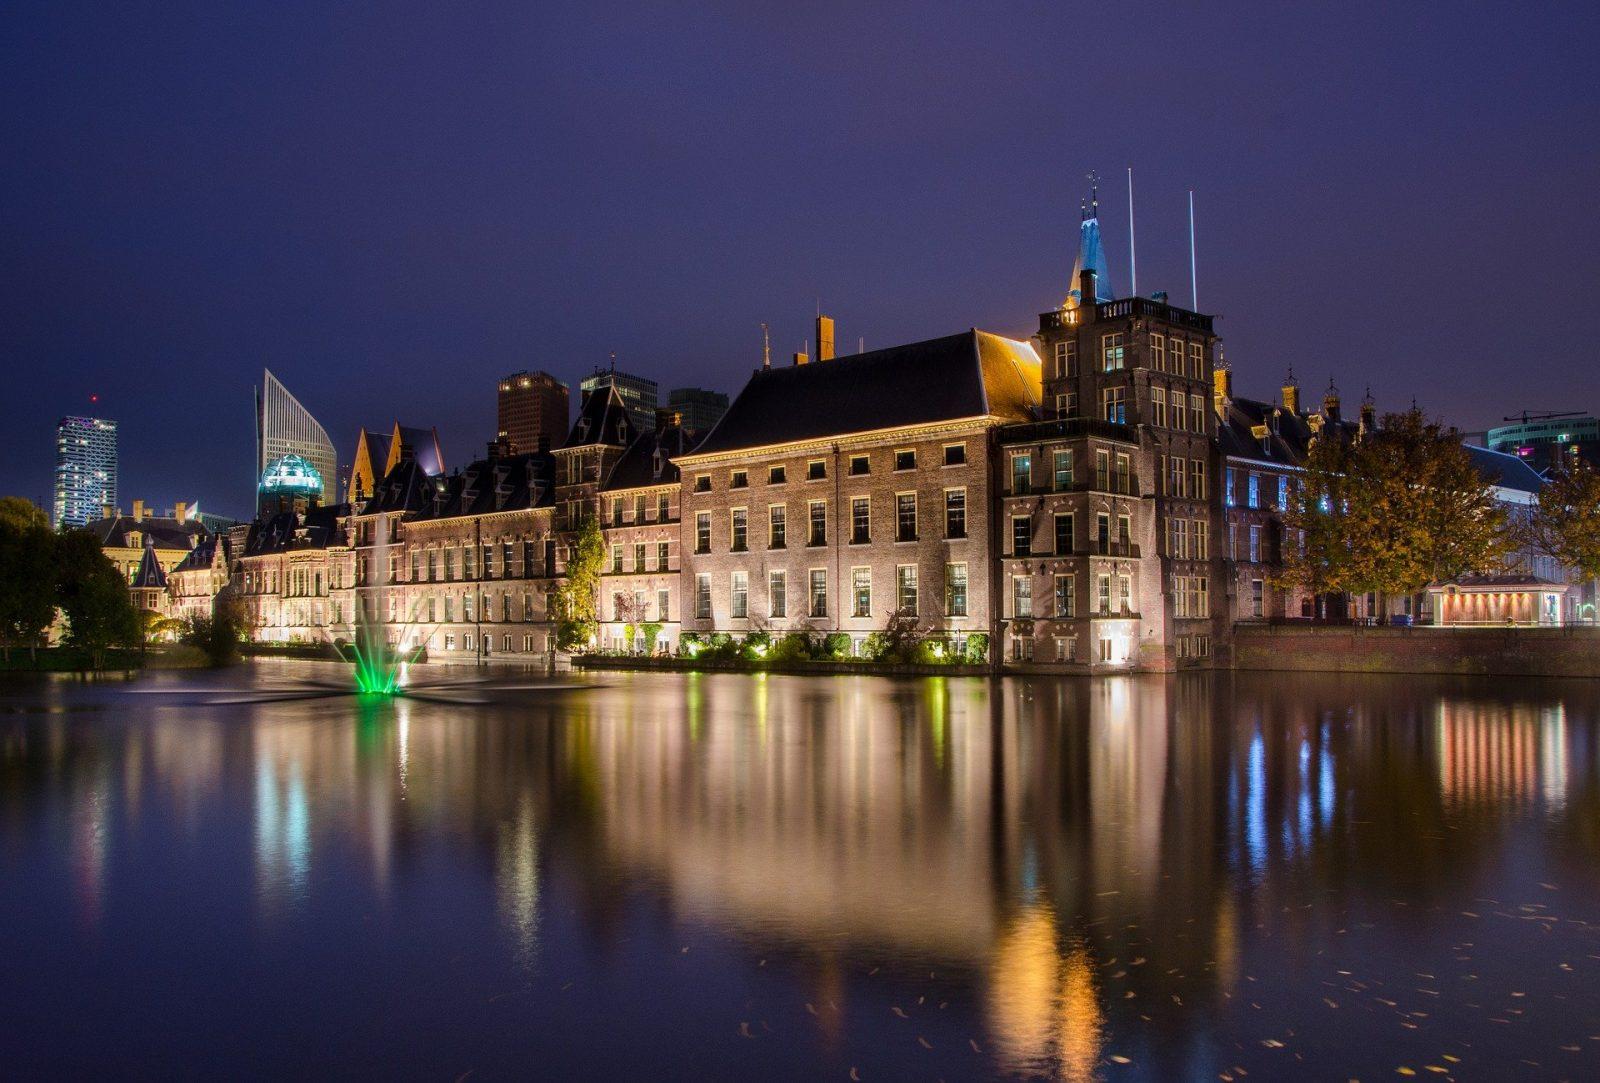 Het binnenhof Den Haag